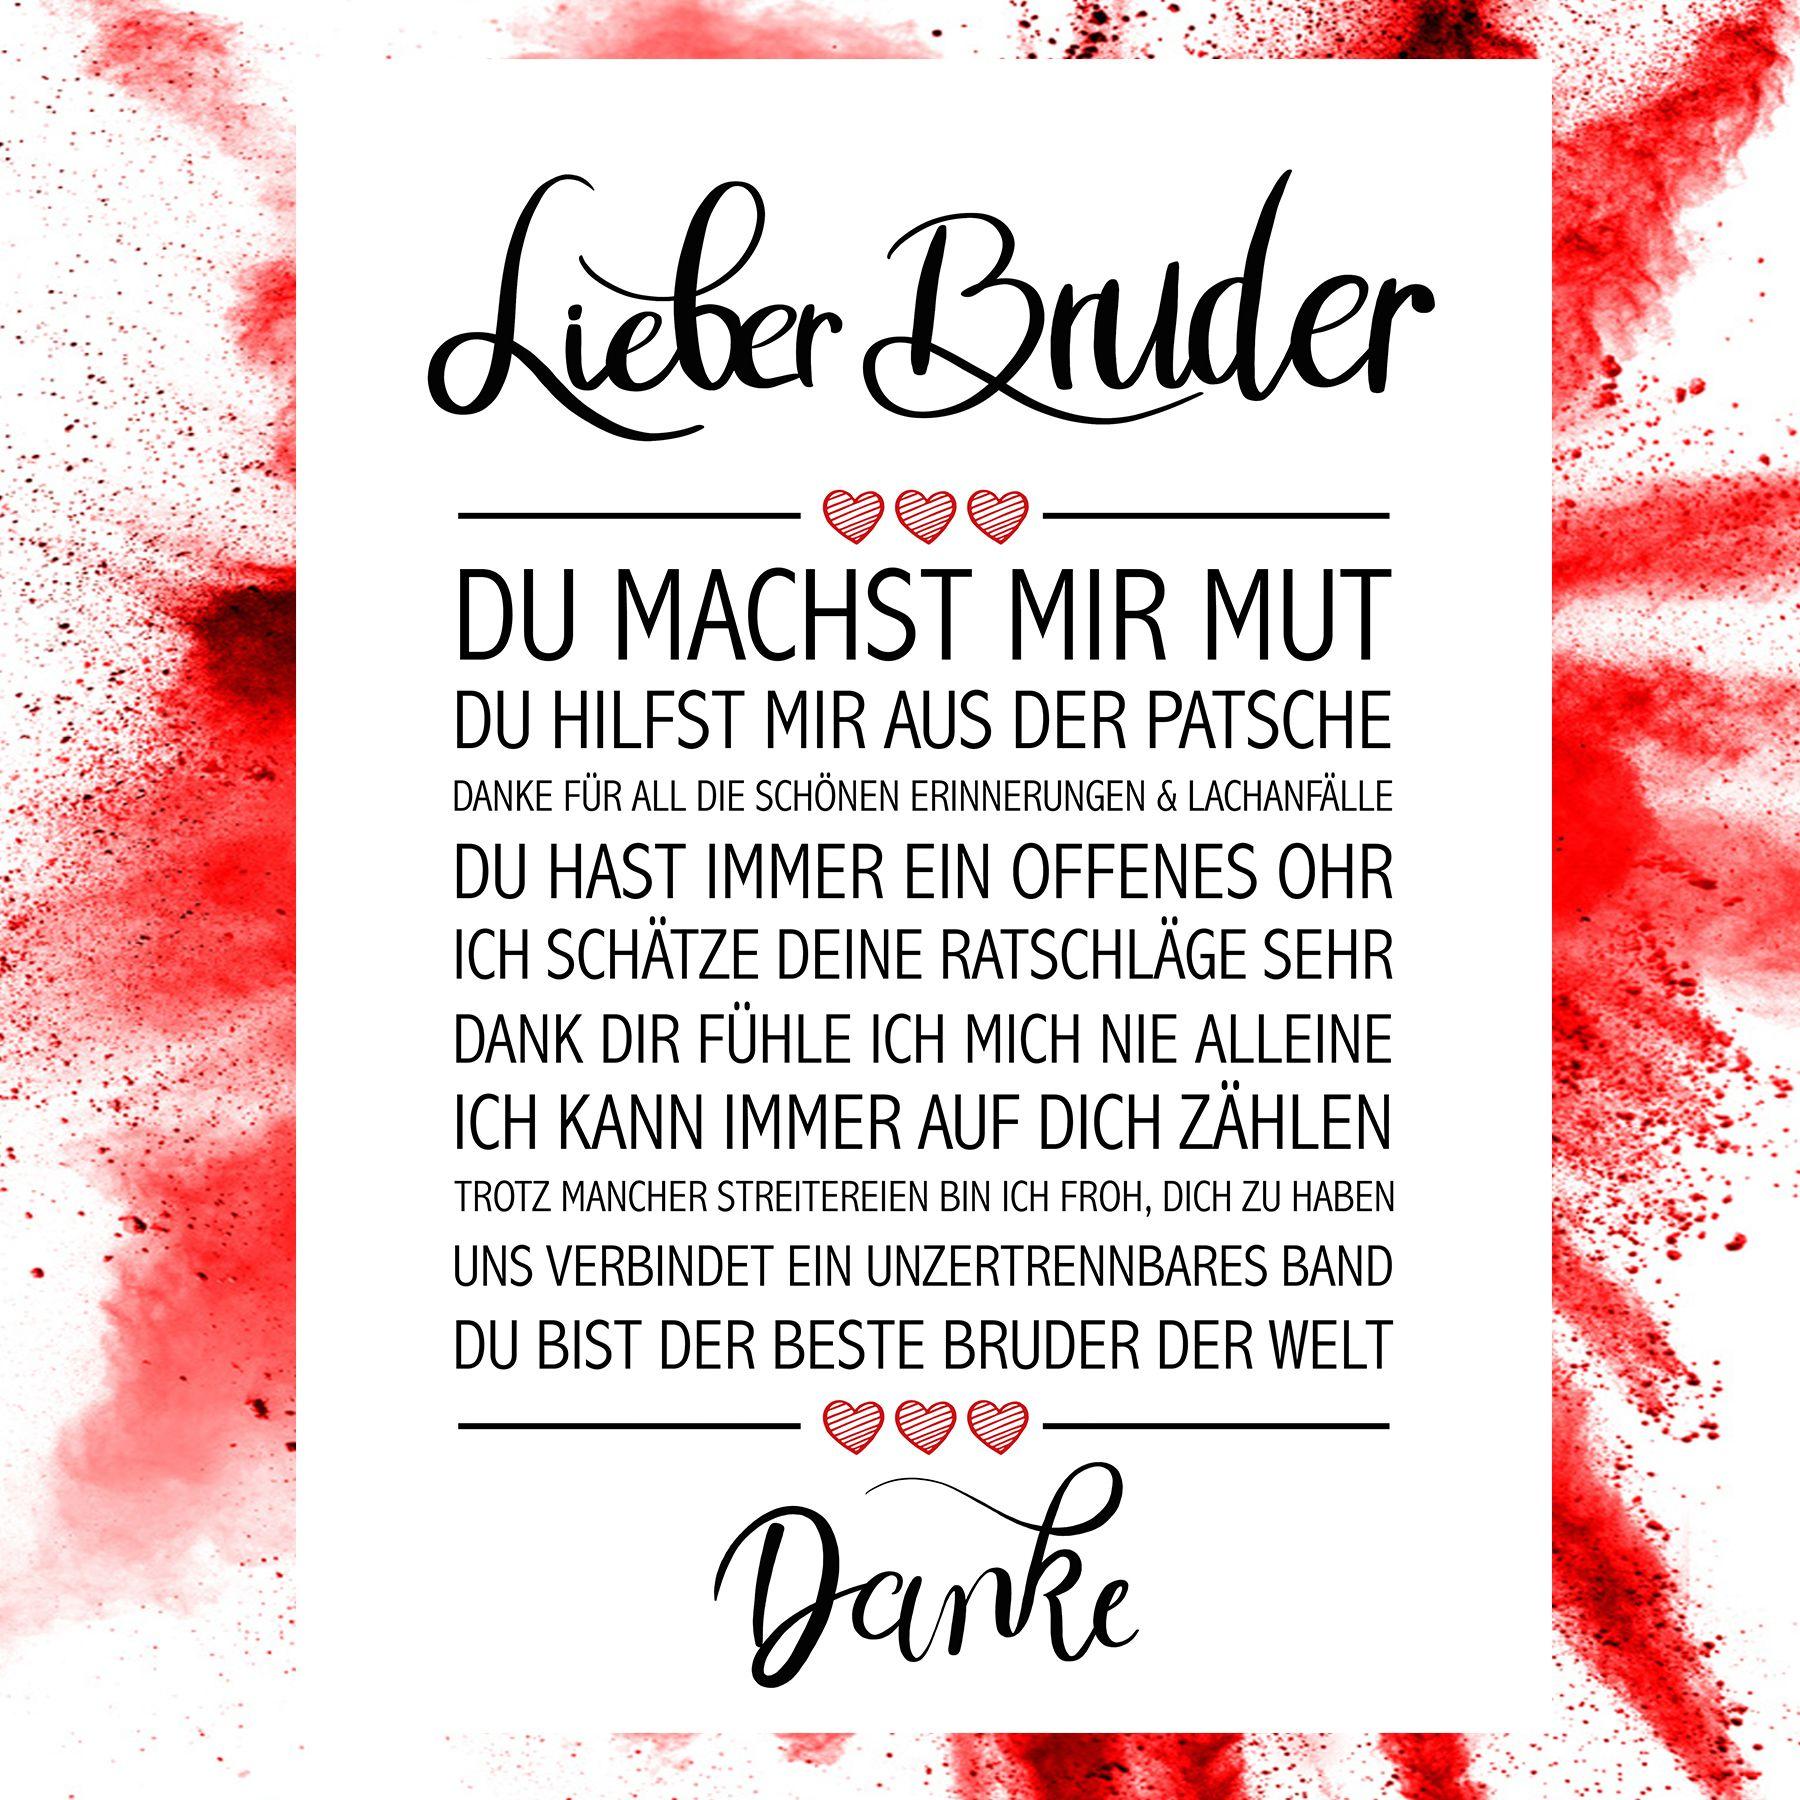 Lieber Bruder Kunstdruck Beste Kollegin Geburtstag Schwester